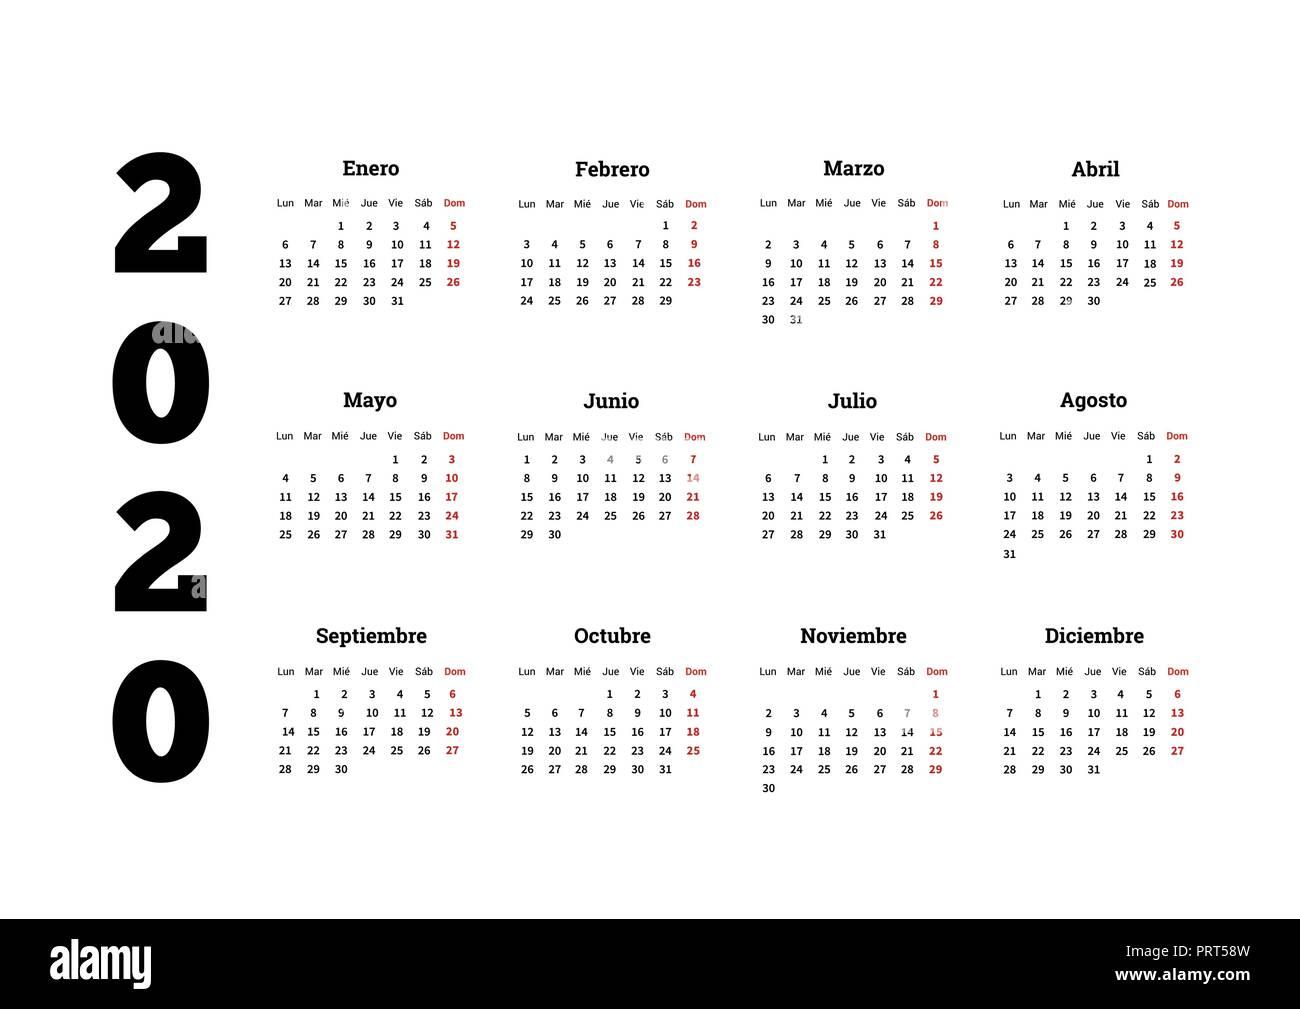 Calendario Del Ano 2020 En Espanol.Ano 2020 Calendario Simple En Espanol Aislado En Blanco